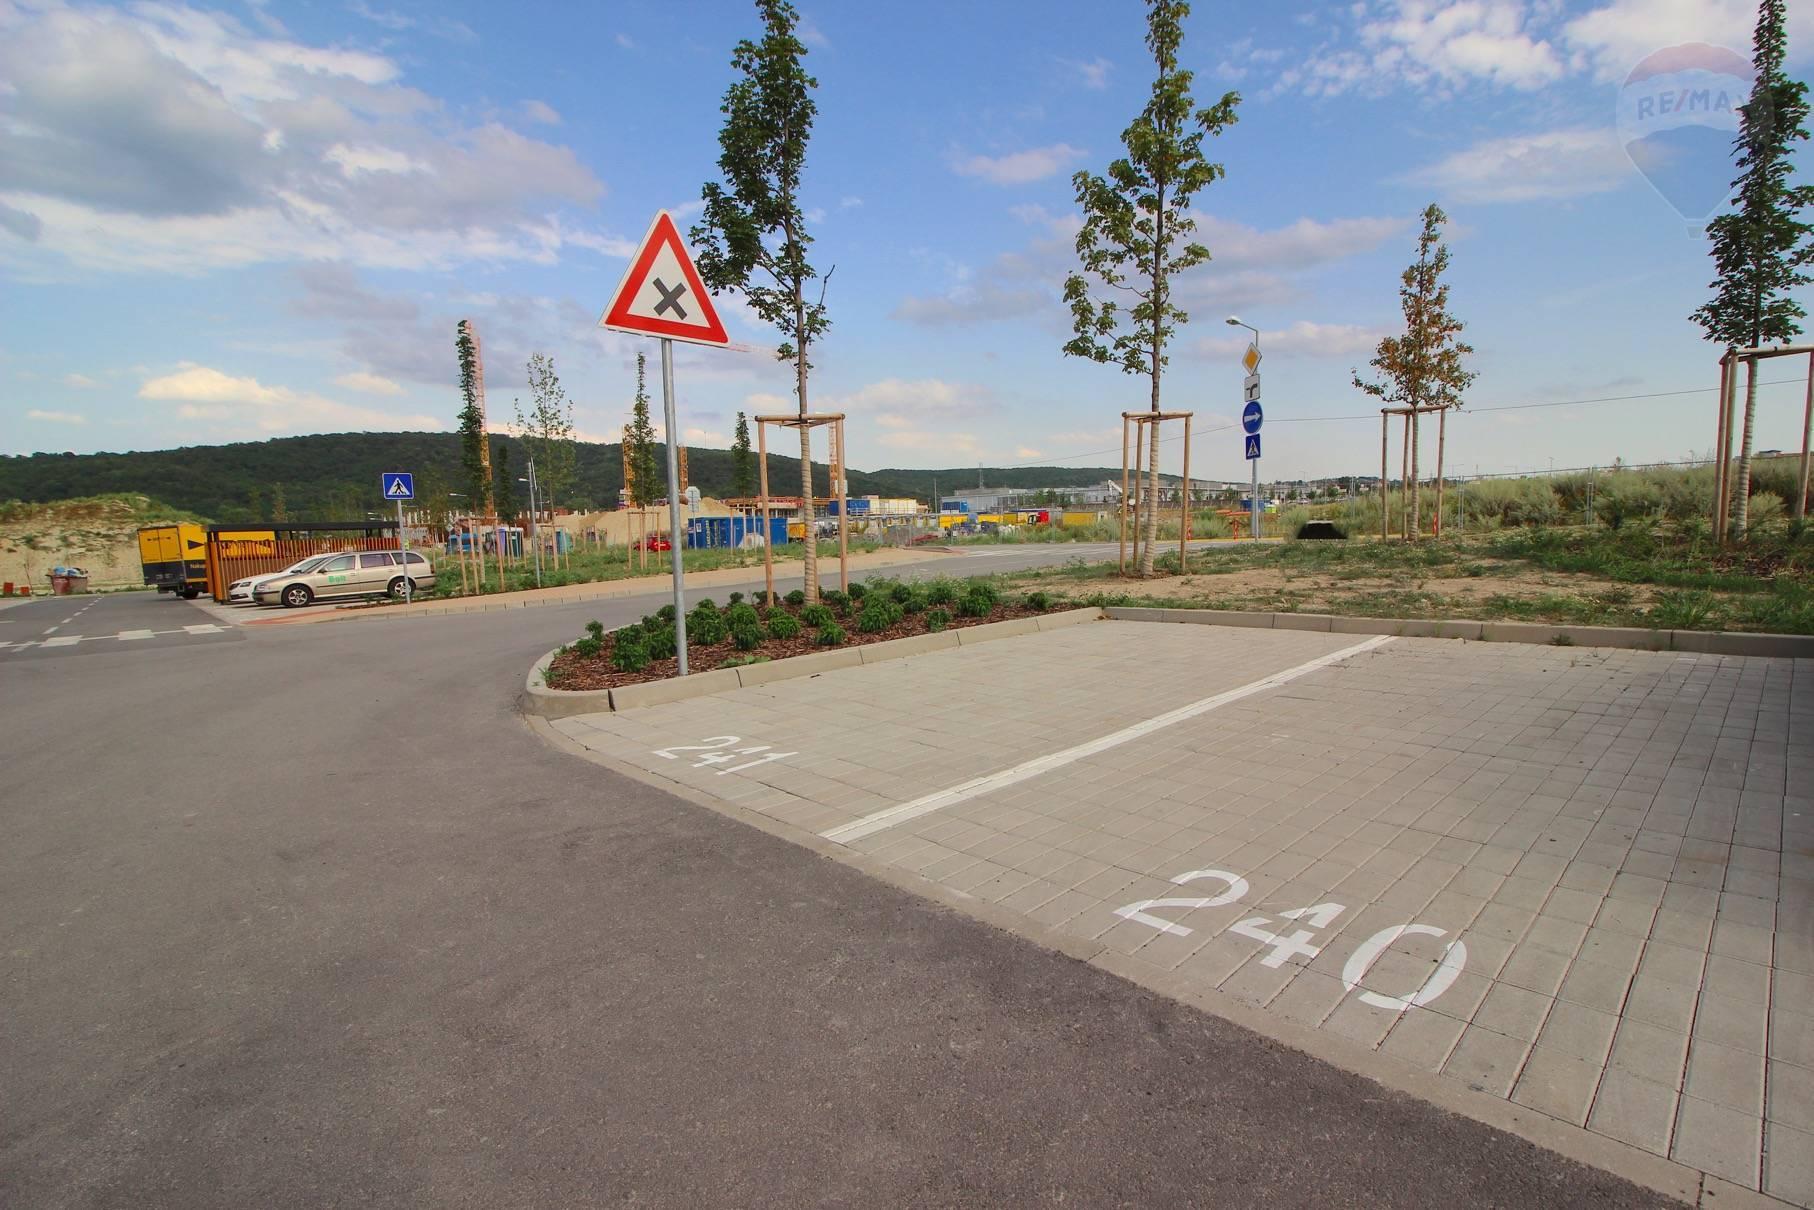 Prenájom bytu (2 izbový) 39 m2, Bratislava - Devínska Nová Ves - ŠTÝLOVÝ A MODERNÝ BYT V NOVOSTAVBE - EŠTE NEOBÝVANÝ - ZARIADENÝ - Bory Bývanie - Top ponuka - Parkovacie státie